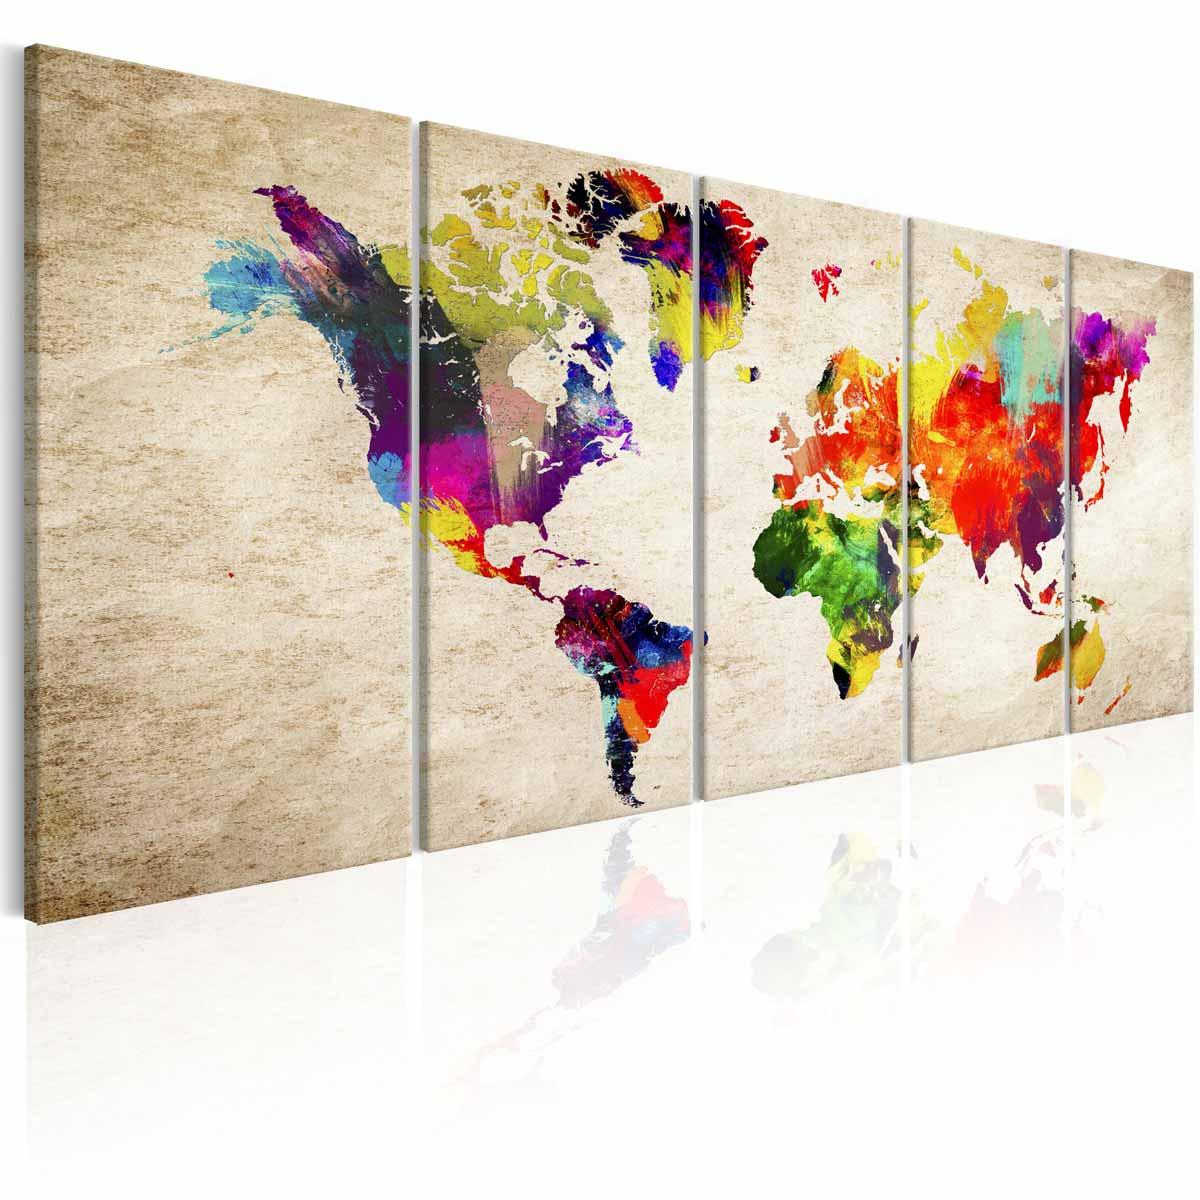 ARTGEIST Verdenskort Painted World billede - multifarvet print, 5-delt - Flere størrelser 200x80